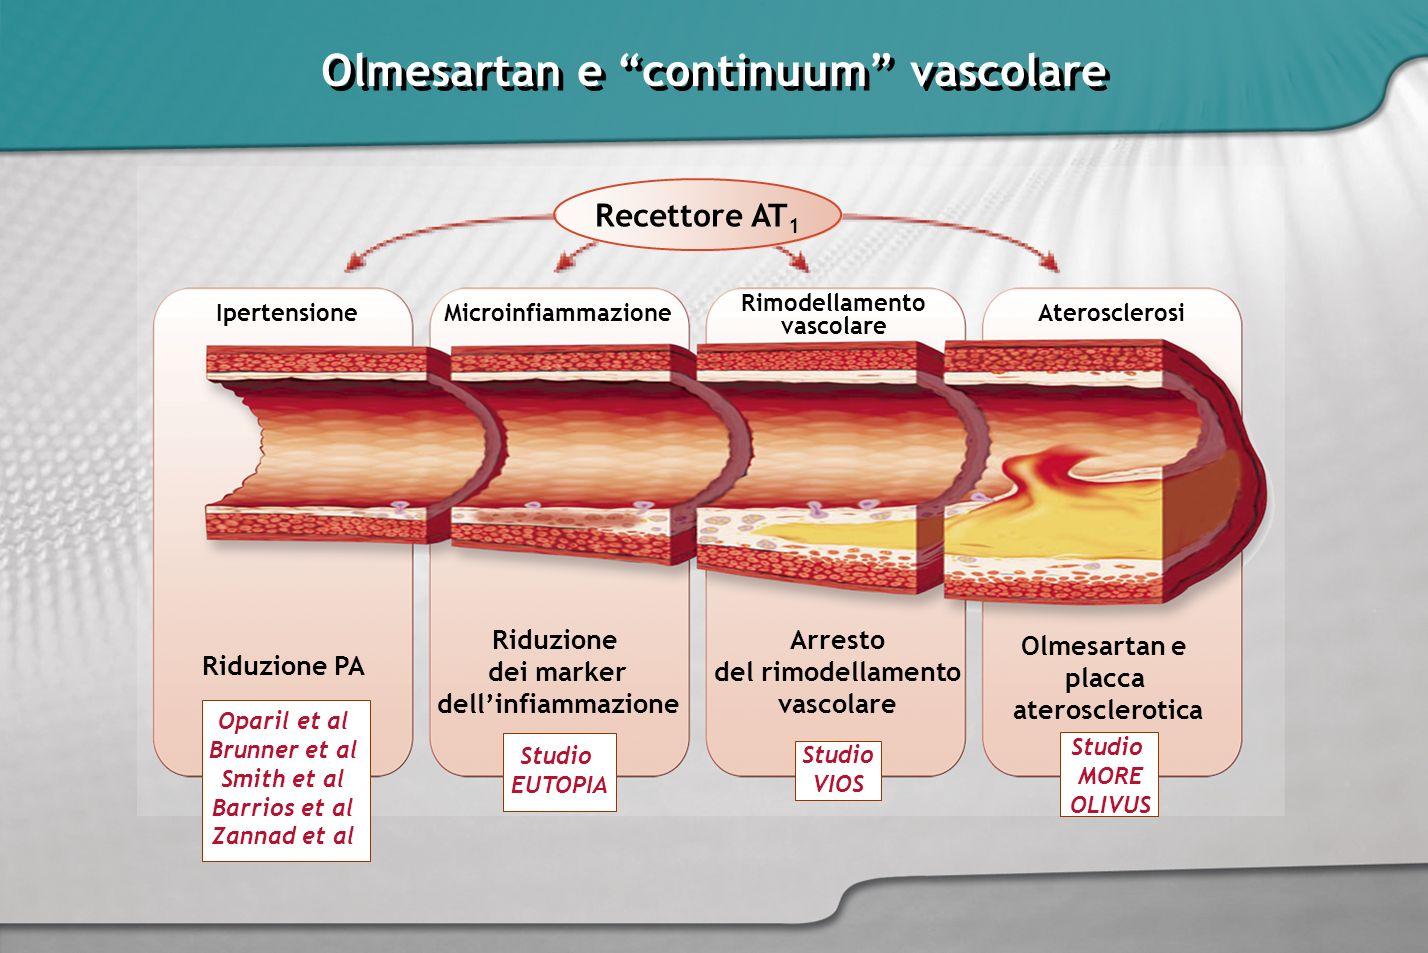 Olmesartan e continuum vascolare